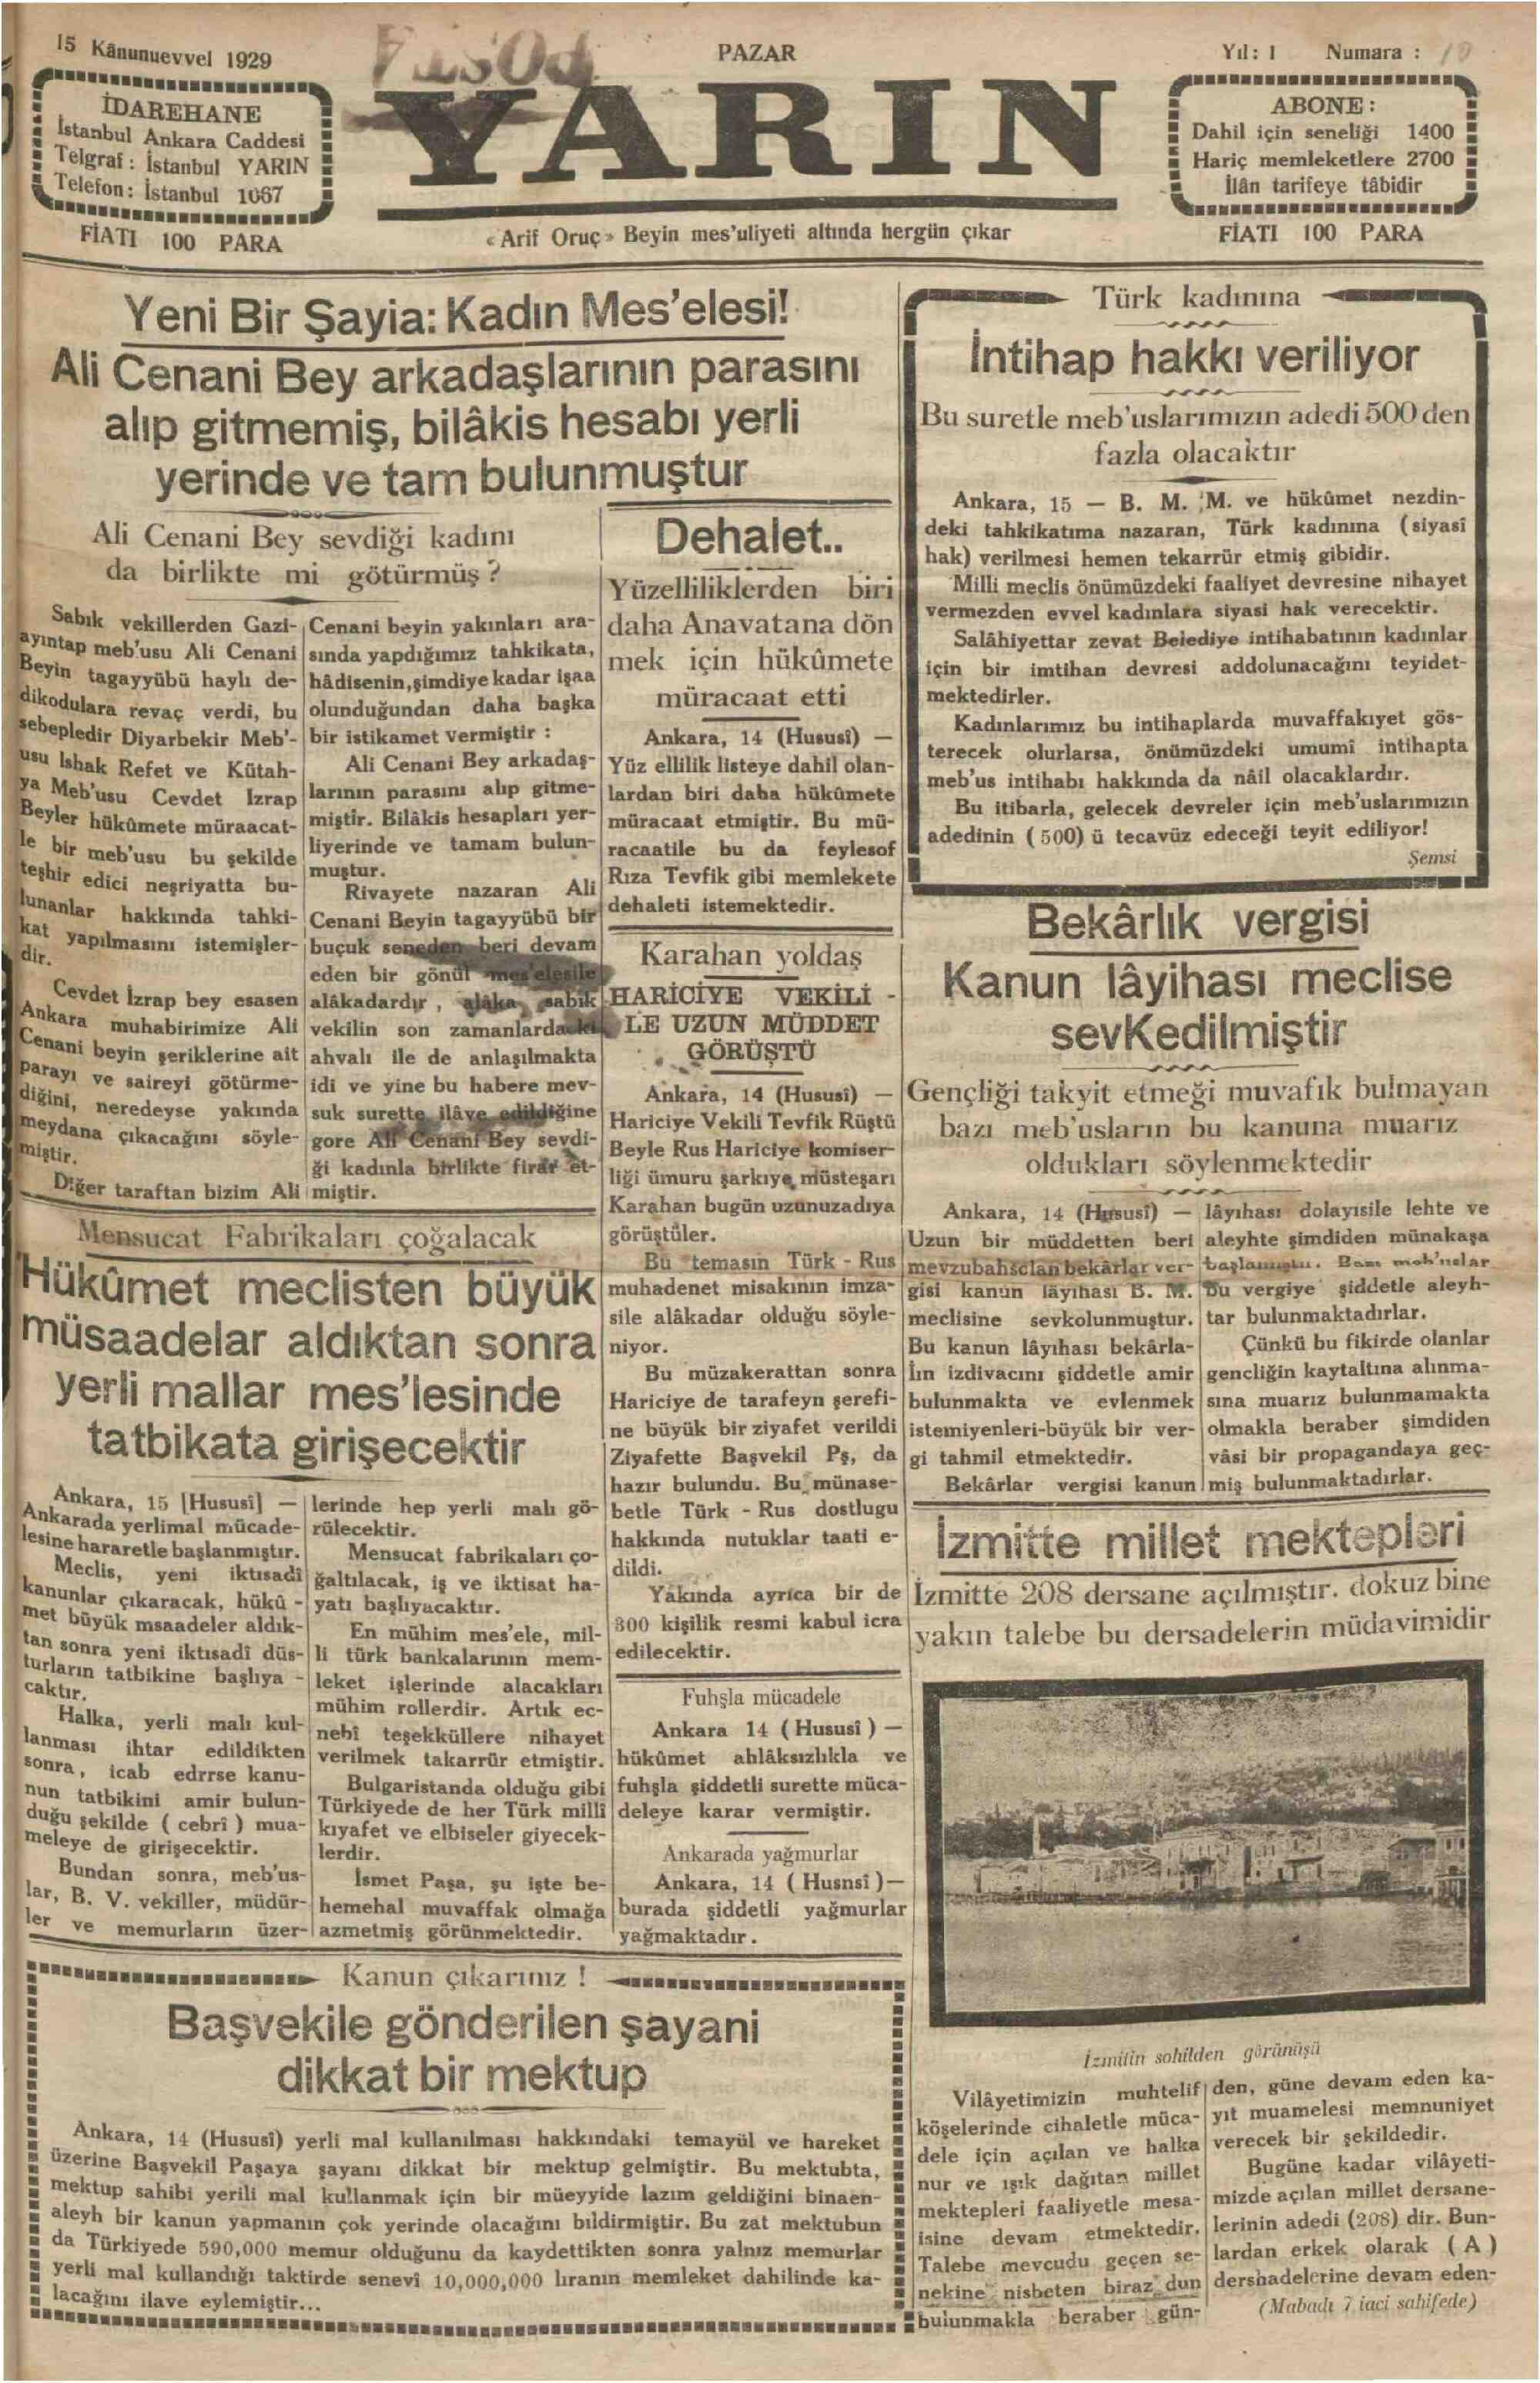 15 Aralık 1929 Tarihli Yarın Gazetesi Sayfa 1